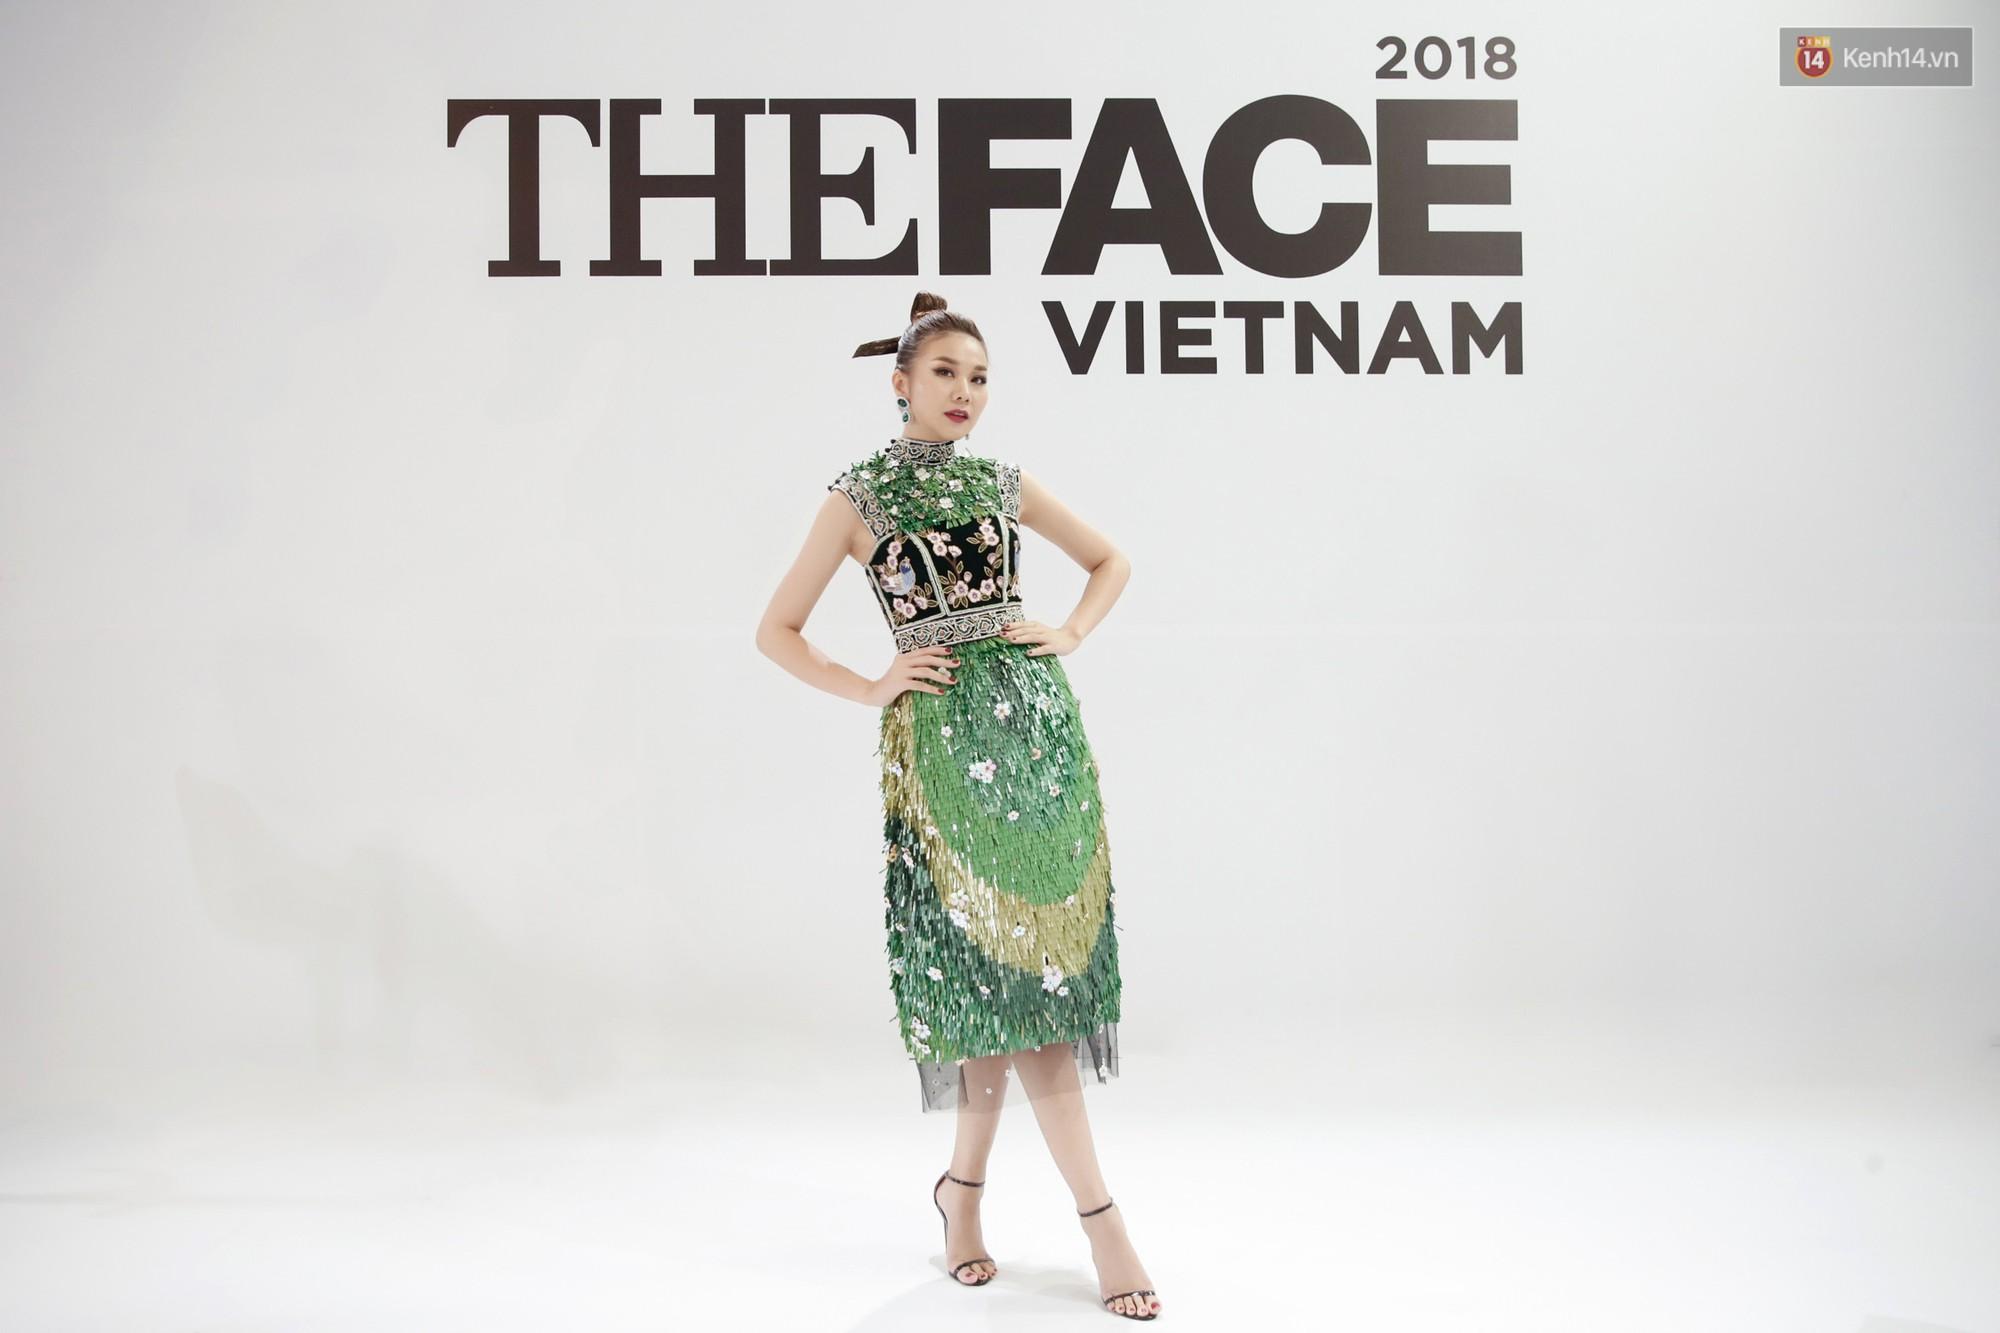 The Face ngày 2: Vắng mặt Võ Hoàng Yến, Song Hằng nhí nhố trong hậu trường với Nam Trung - Ảnh 4.